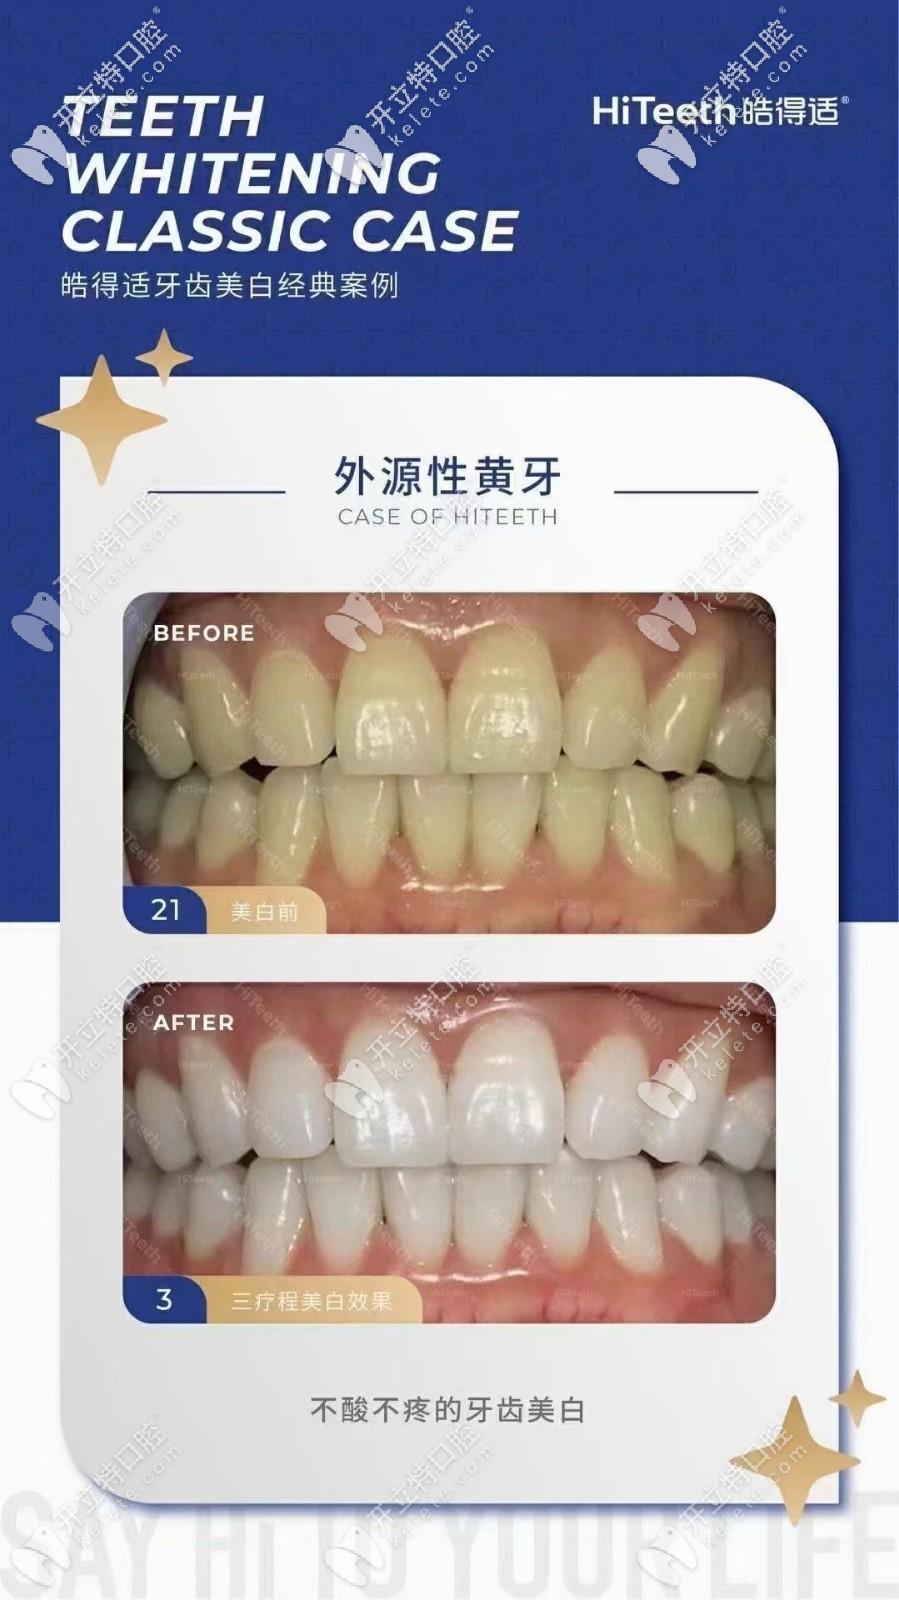 惊喜:外源性黄牙做了美国皓得适美白竟然白了4个色阶!